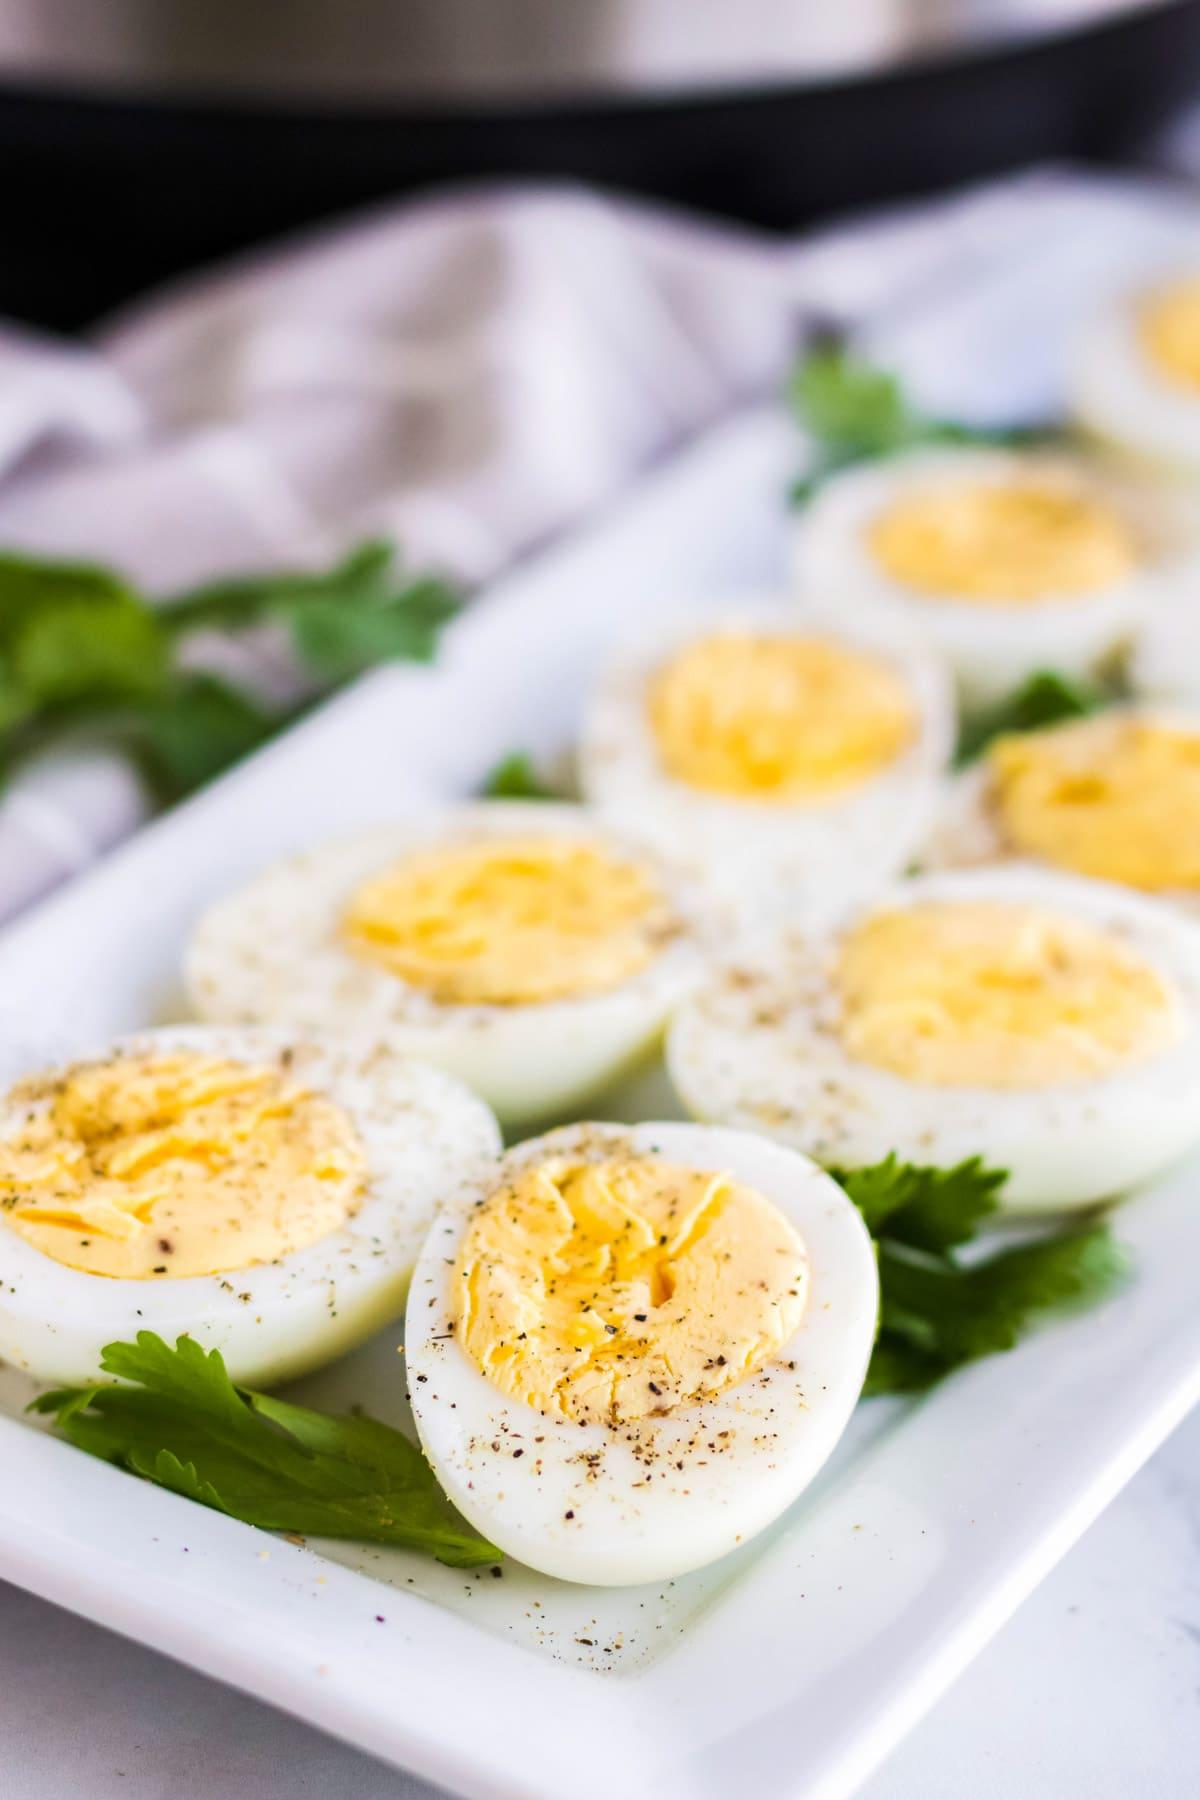 hard boiled eggs, sliced in half, instant pot, white platter, white towel, pepper